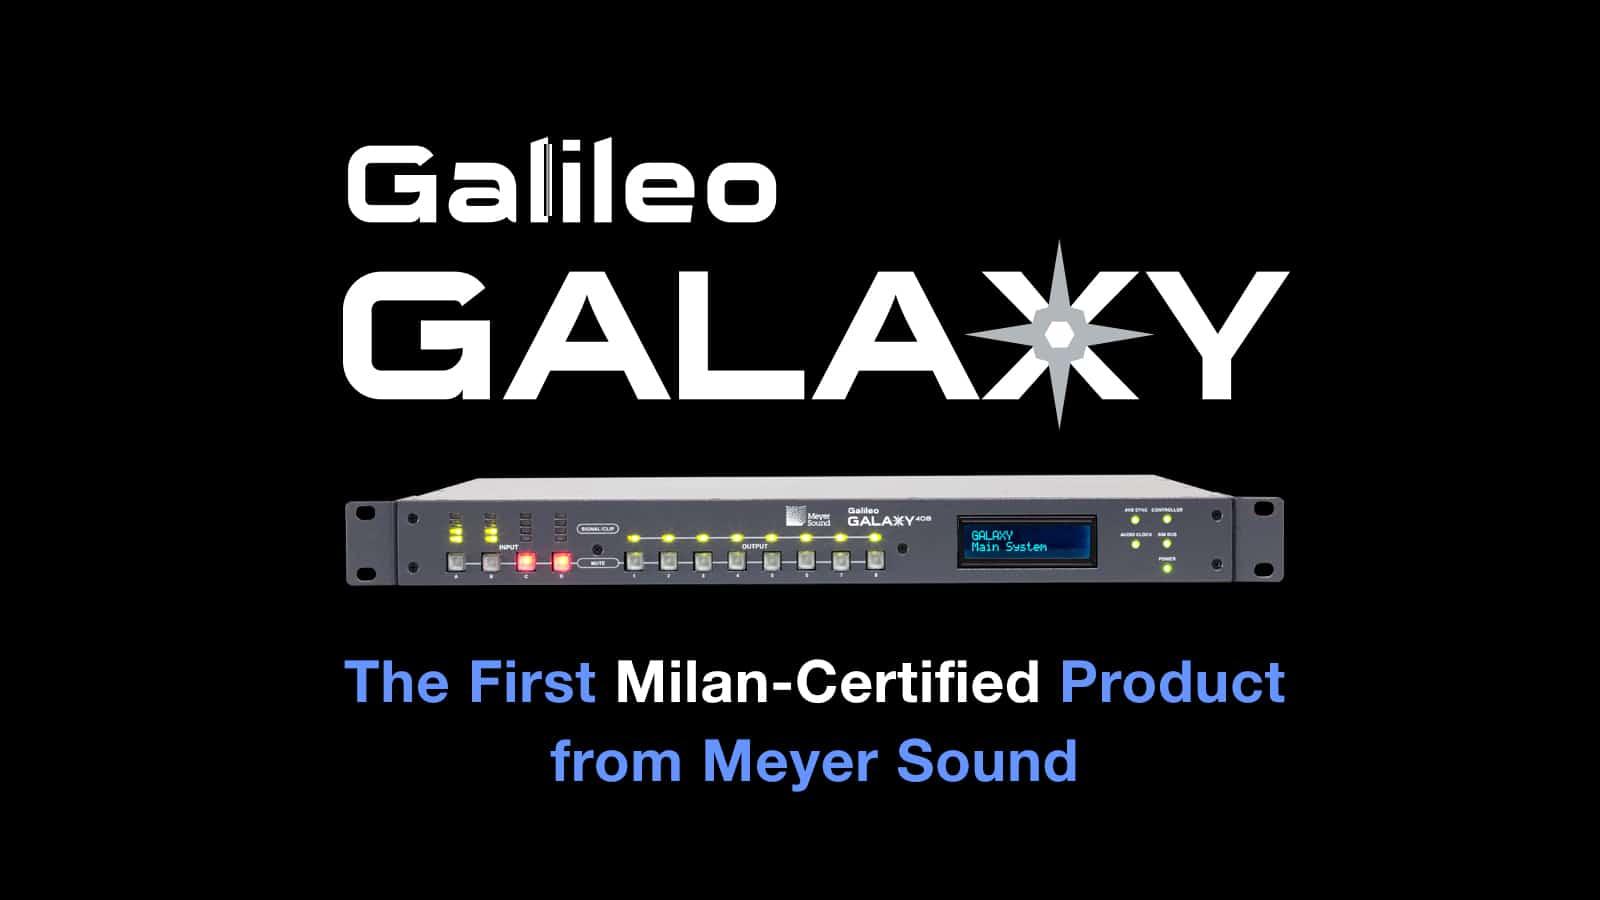 Galileo GALAXY Milan Certification   Meyer Sound